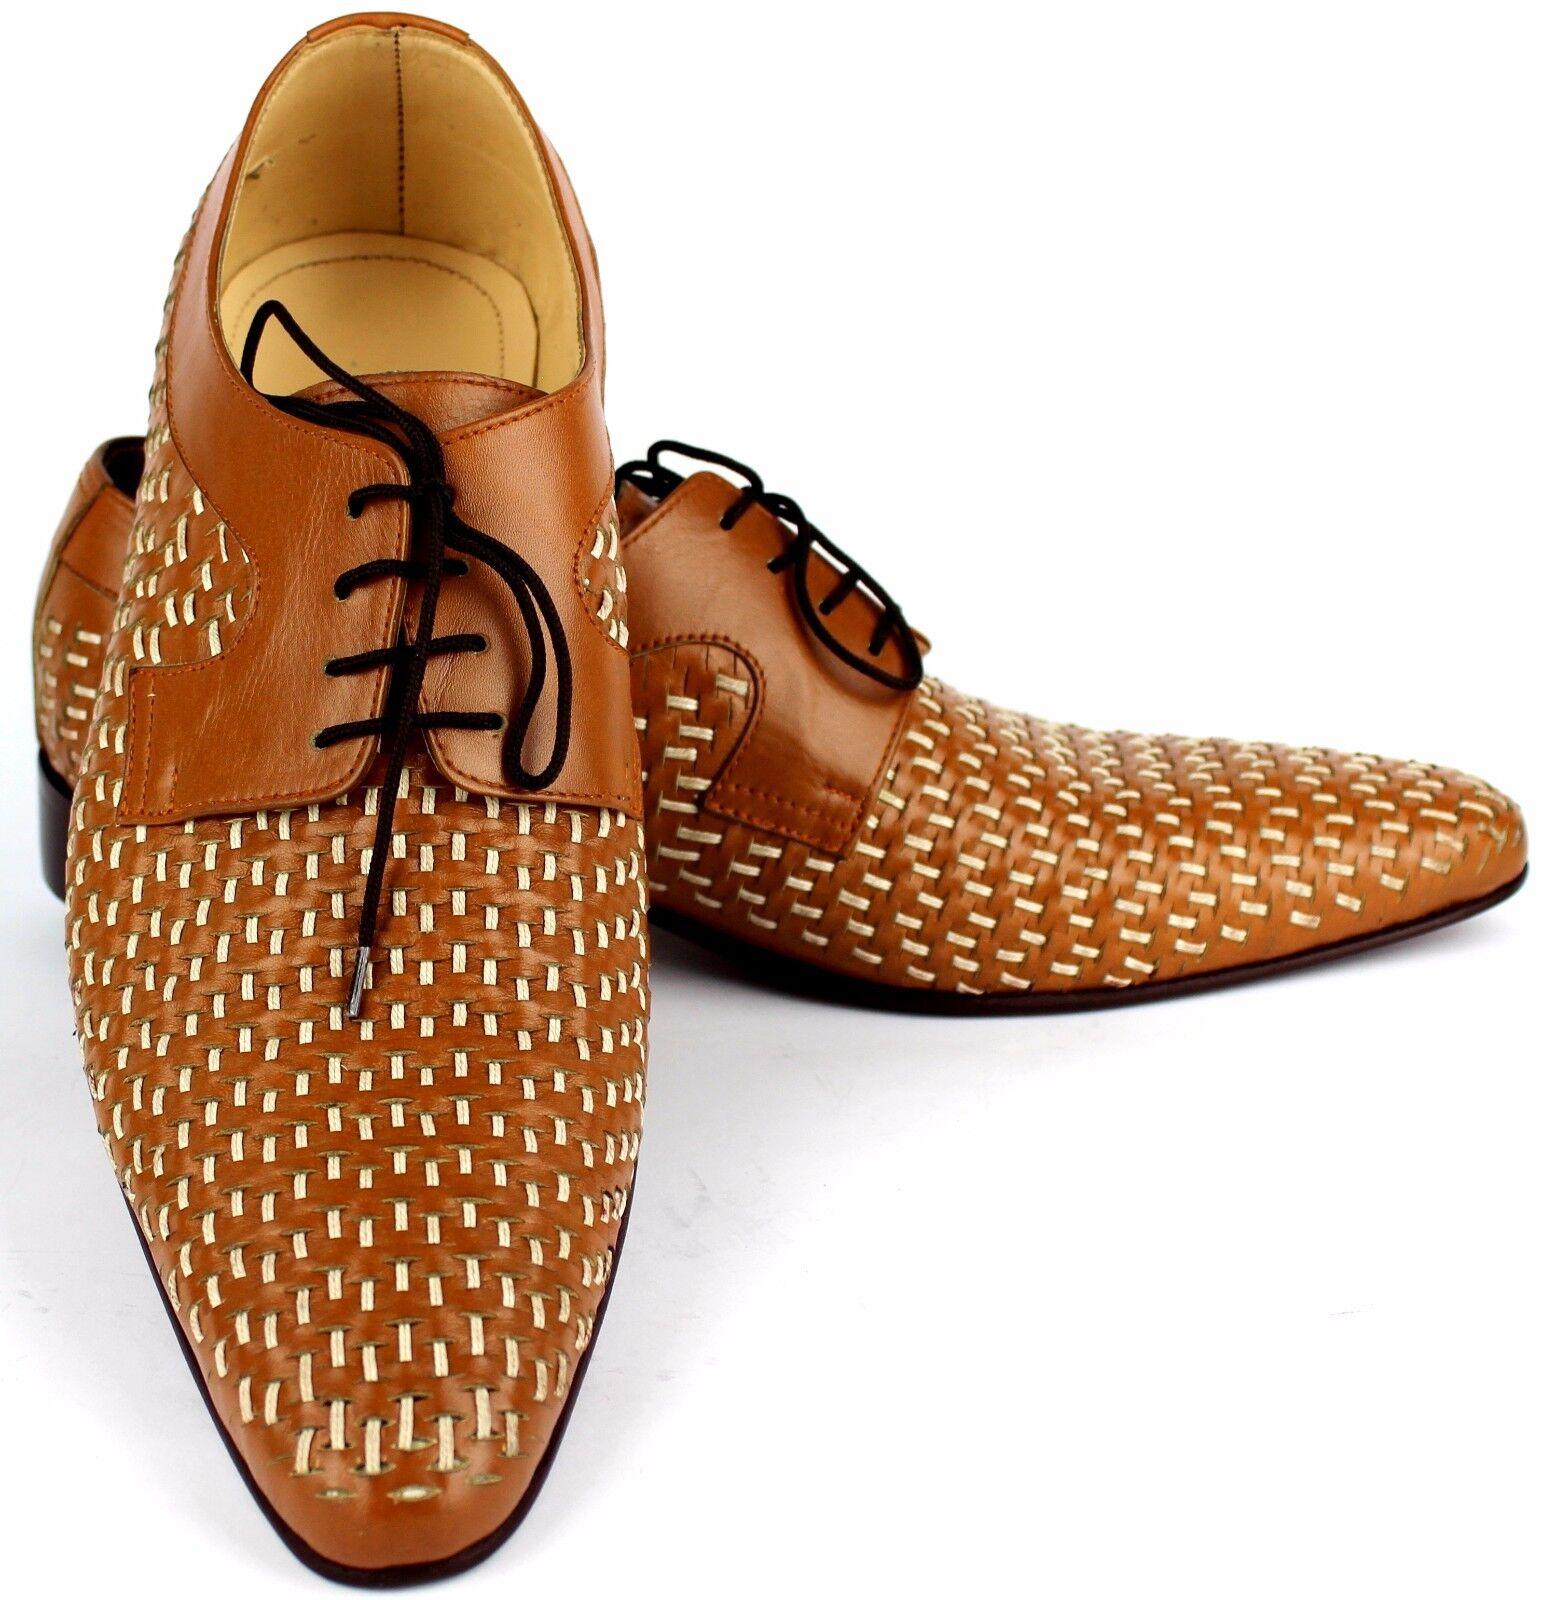 CLASSE dirigente mano Formale Scarpe Da Uomo 100% fatto a mano dirigente 100% Genuine Leather 9f8710